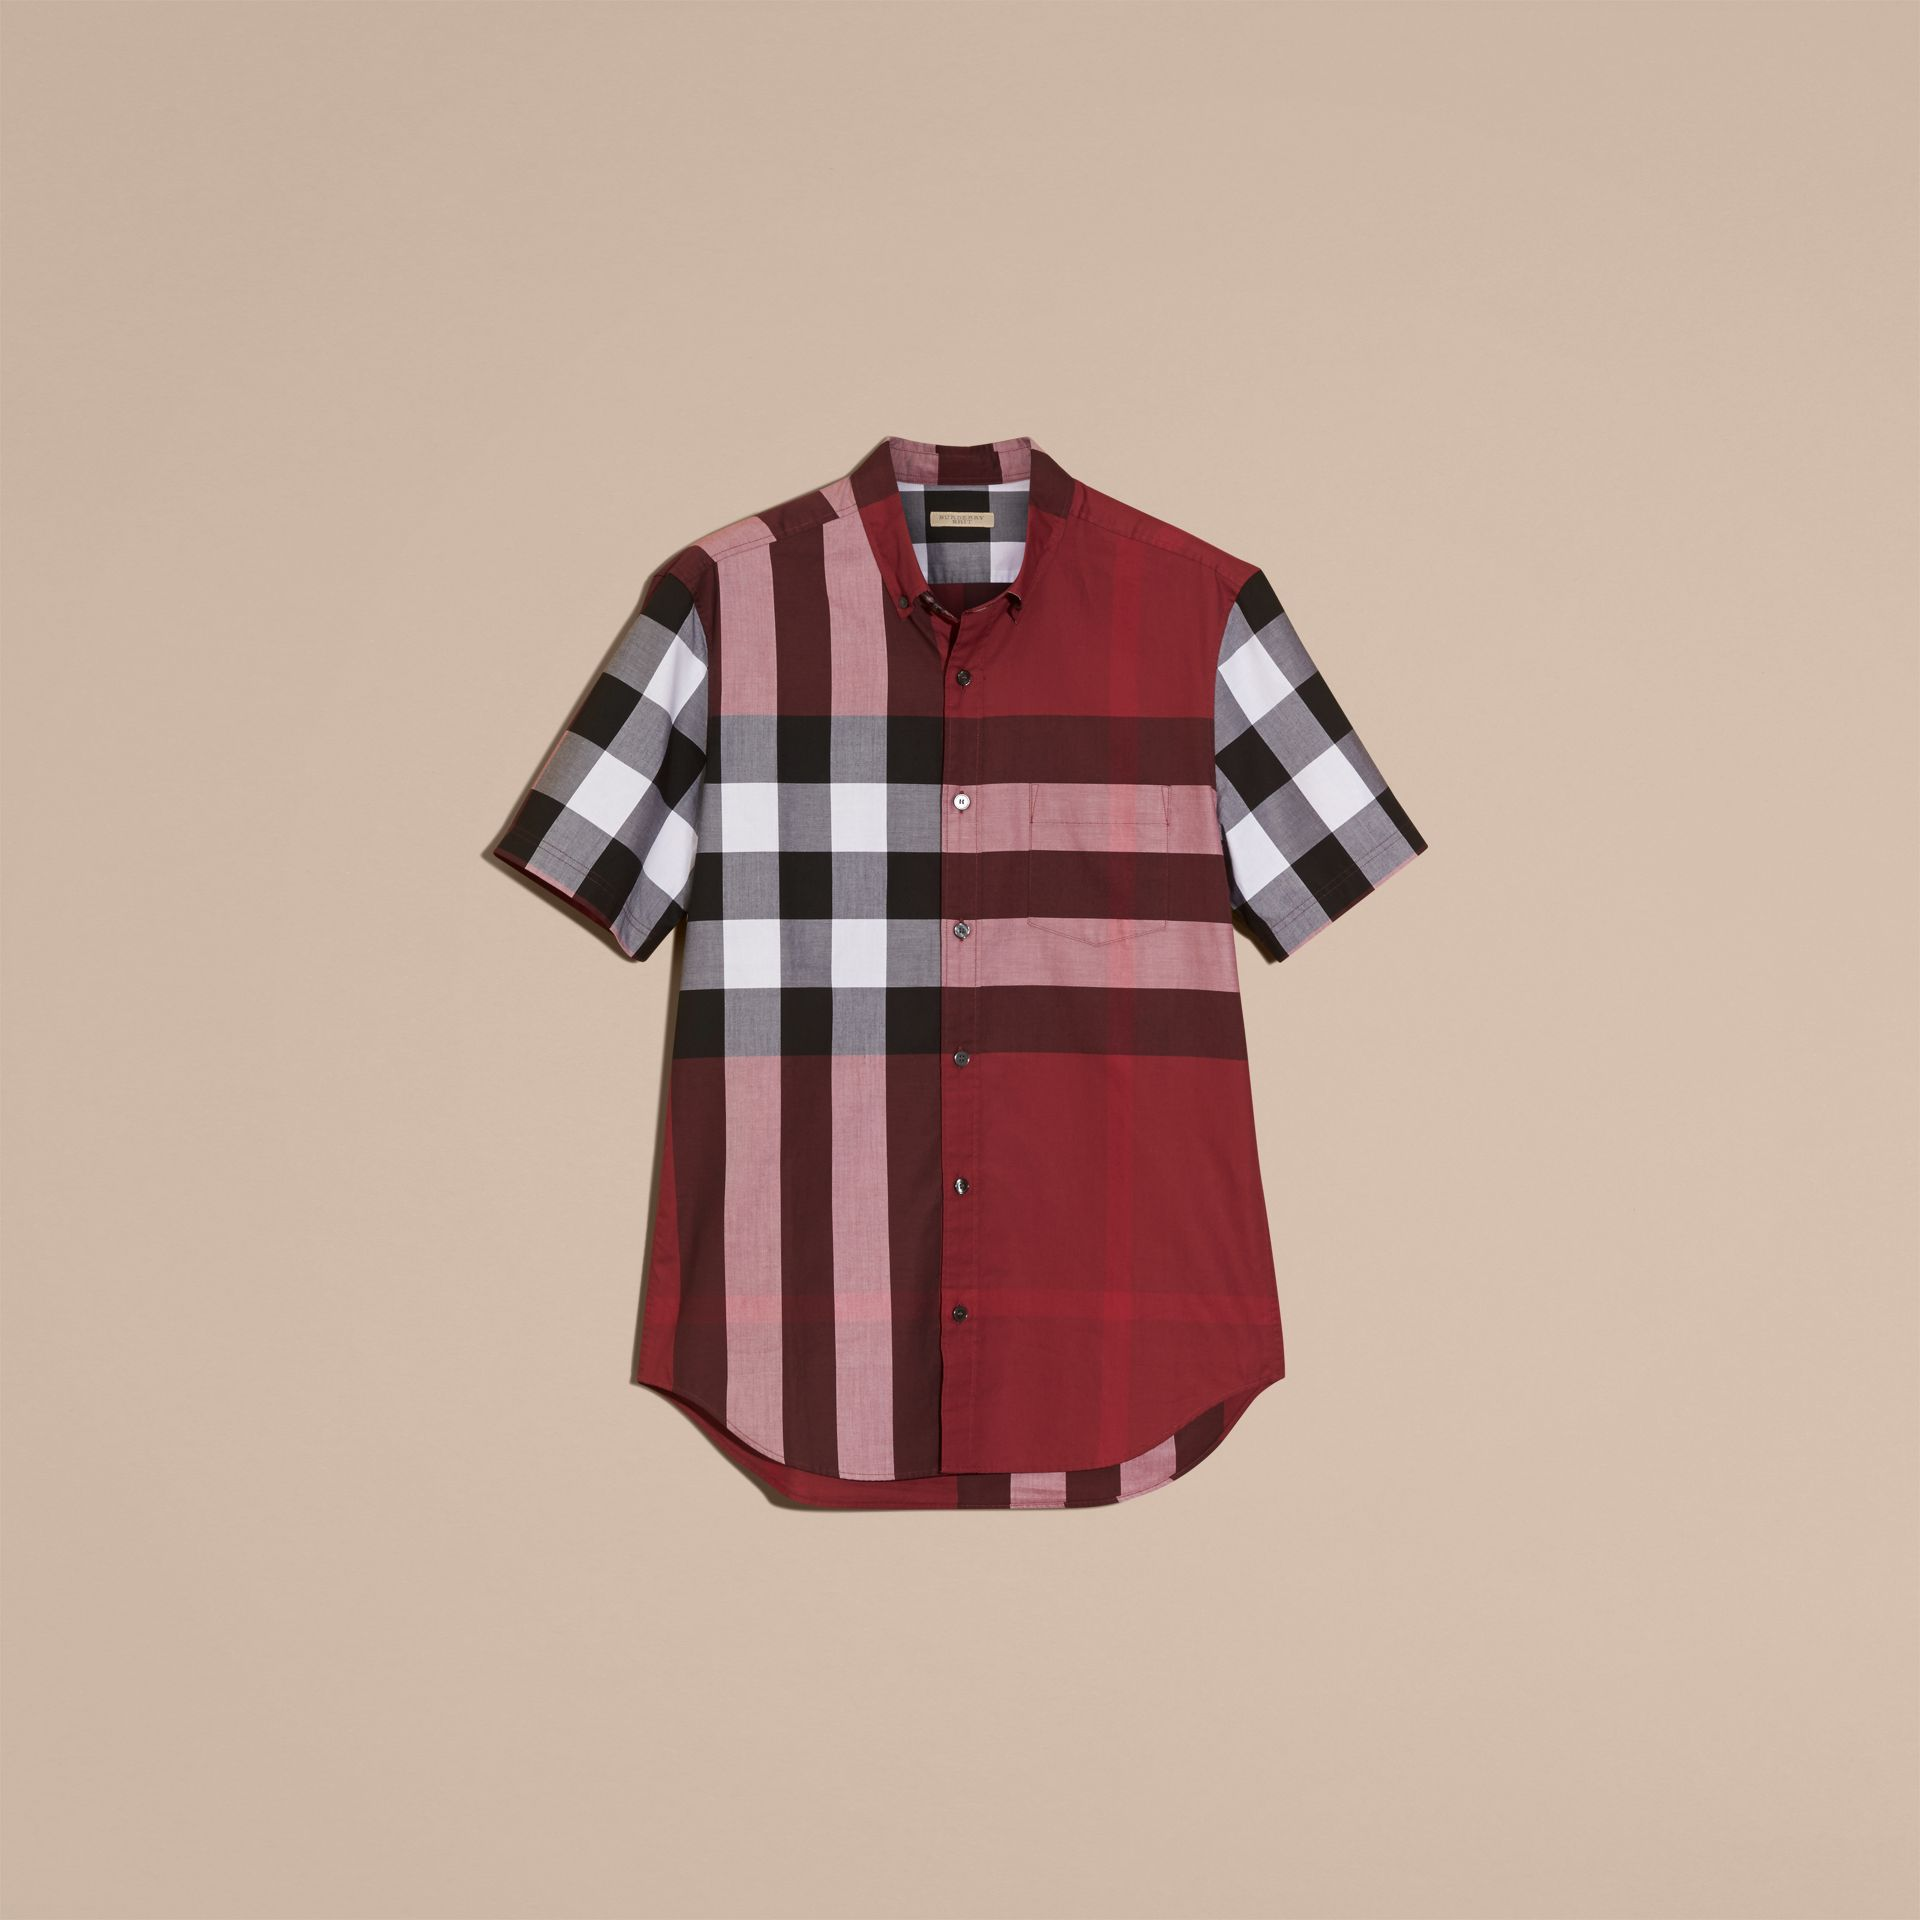 Berry red Camisa de algodão com estampa xadrez e mangas curtas Berry Red - galeria de imagens 4